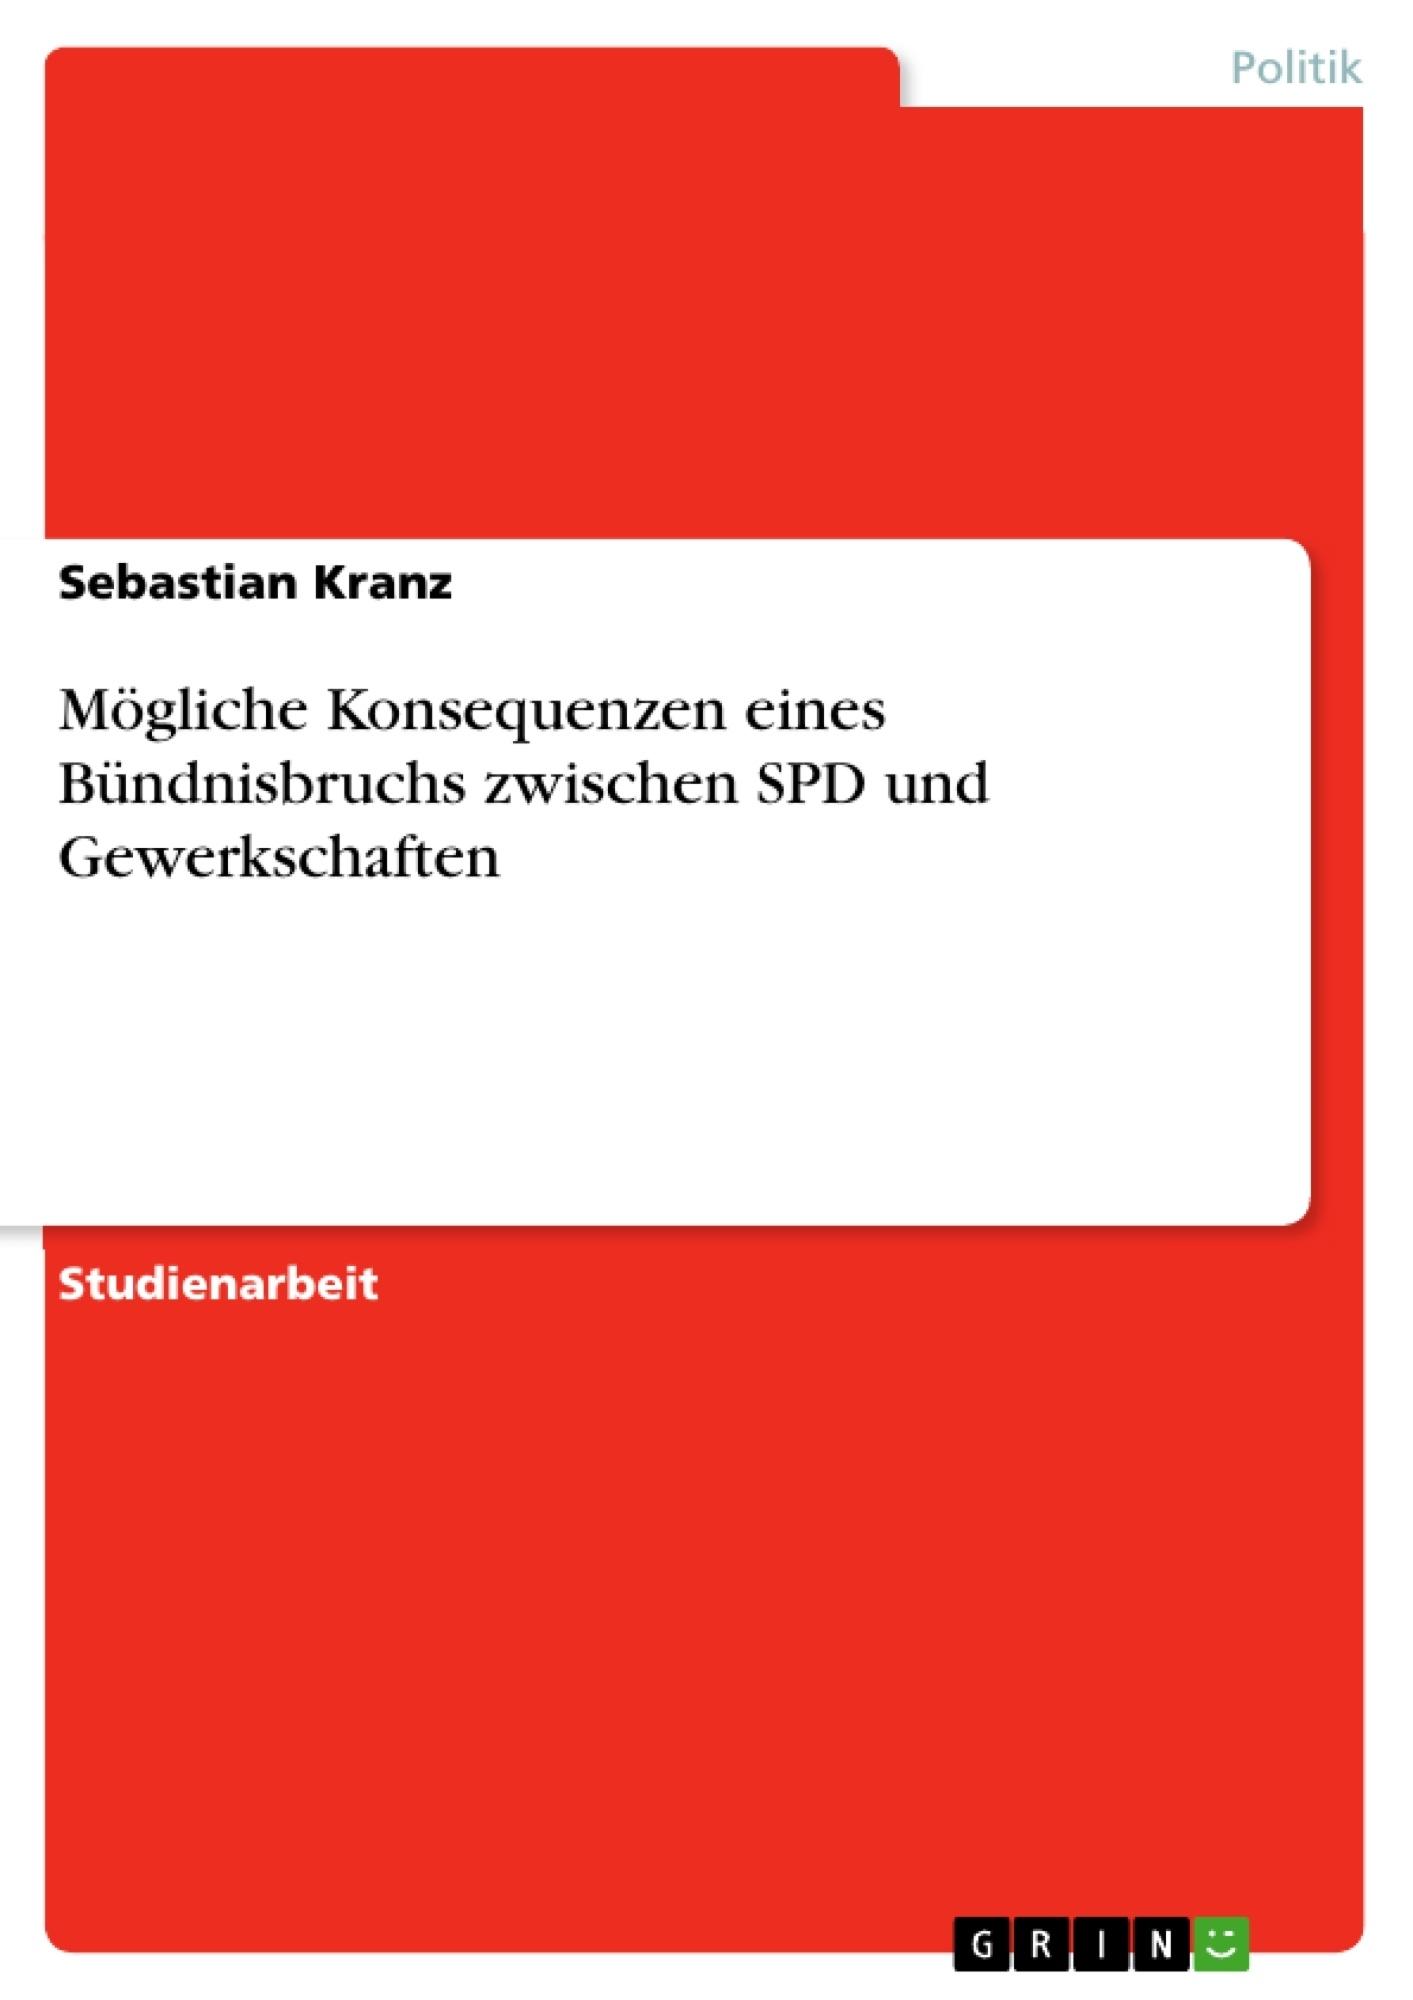 Titel: Mögliche Konsequenzen eines Bündnisbruchs zwischen SPD und Gewerkschaften